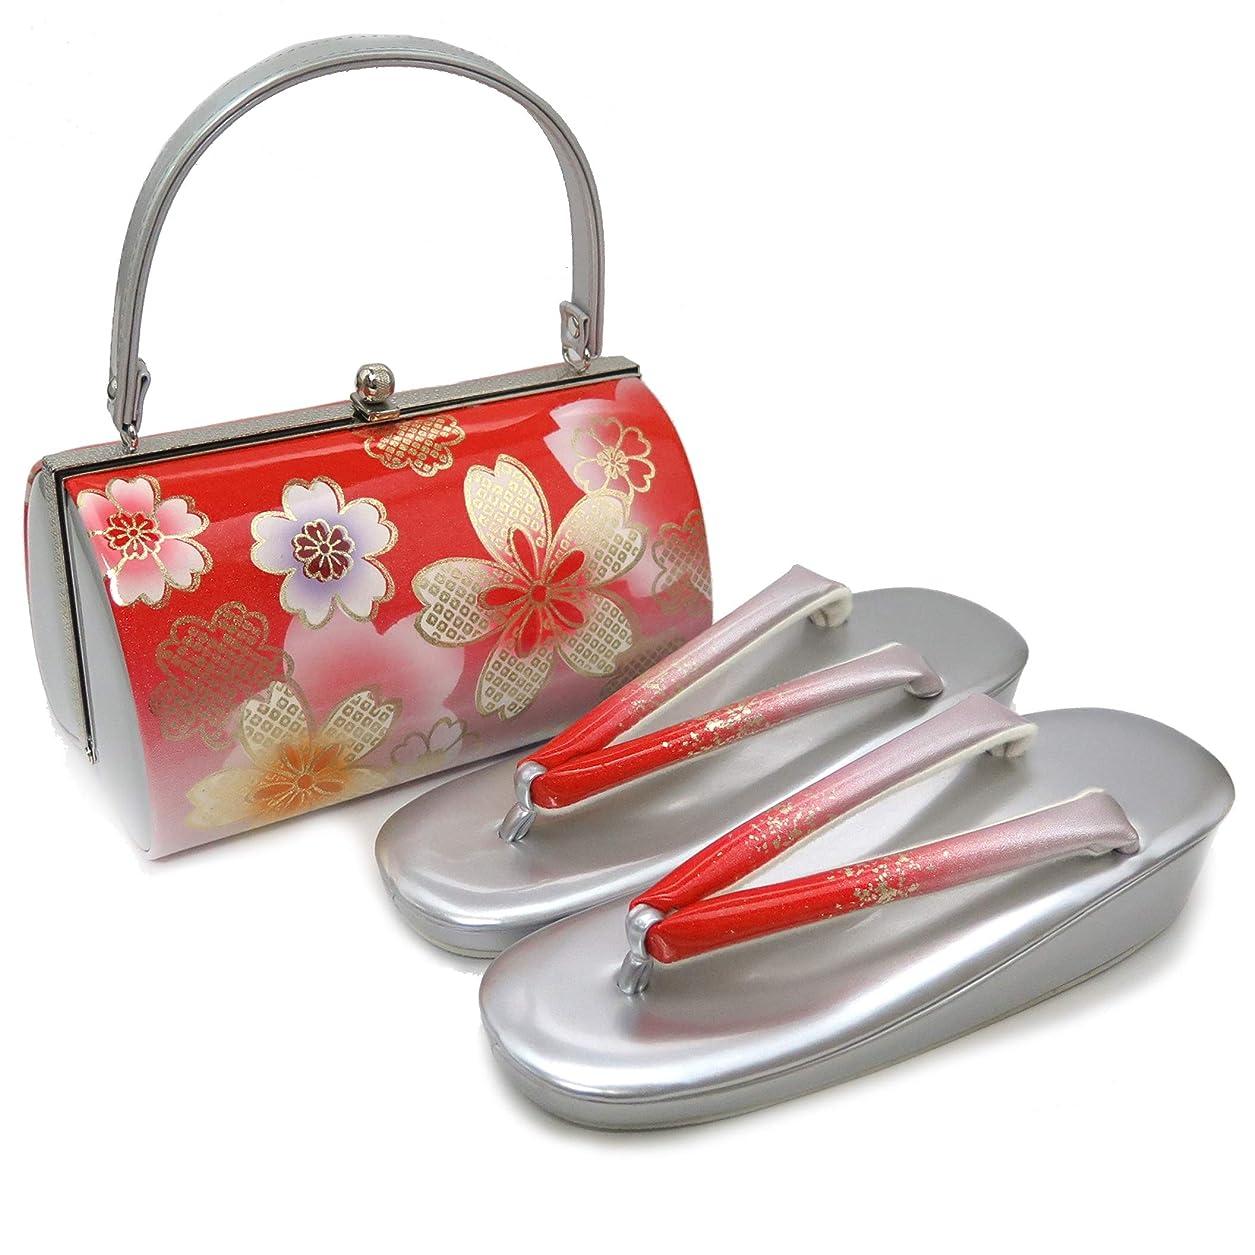 本部シェーバー暗殺者草履バッグセット 振袖 成人式 草履 和装バッグセット フリーサイズ「赤 桜×シルバー」ZBF964